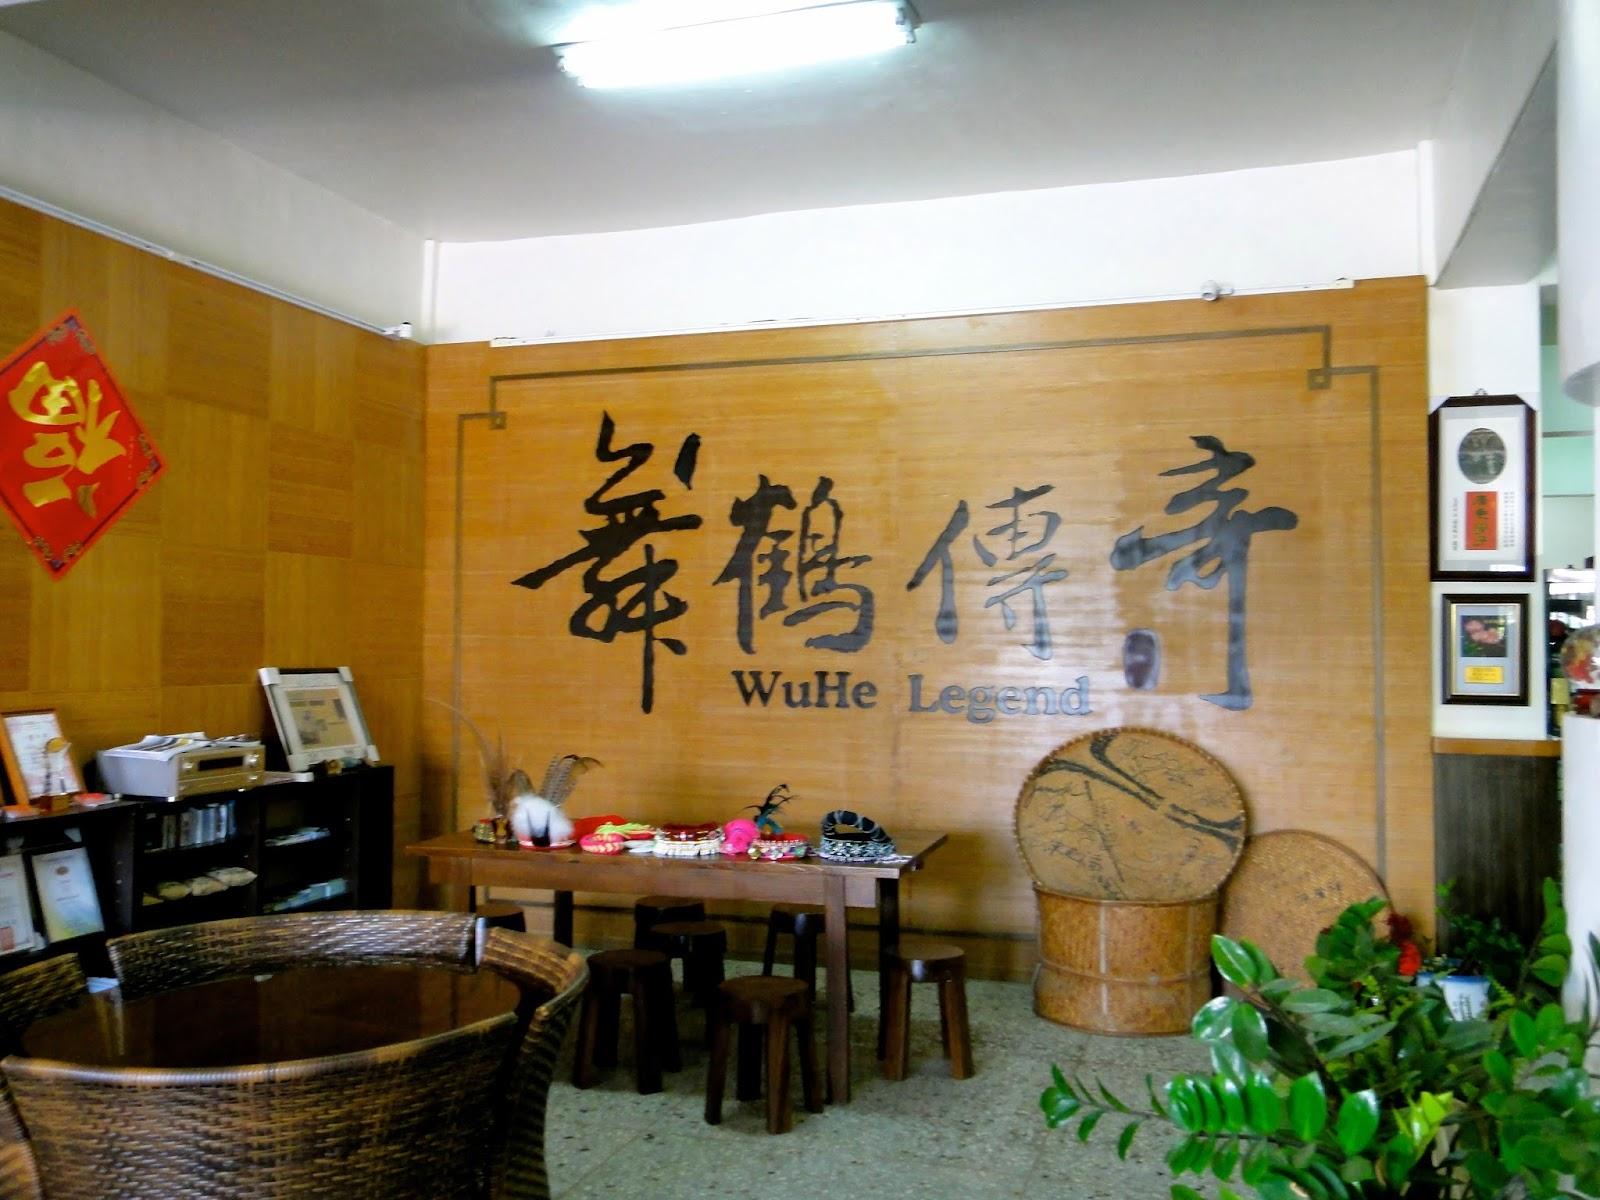 WuHe Legend Shop Taitung Taiwan